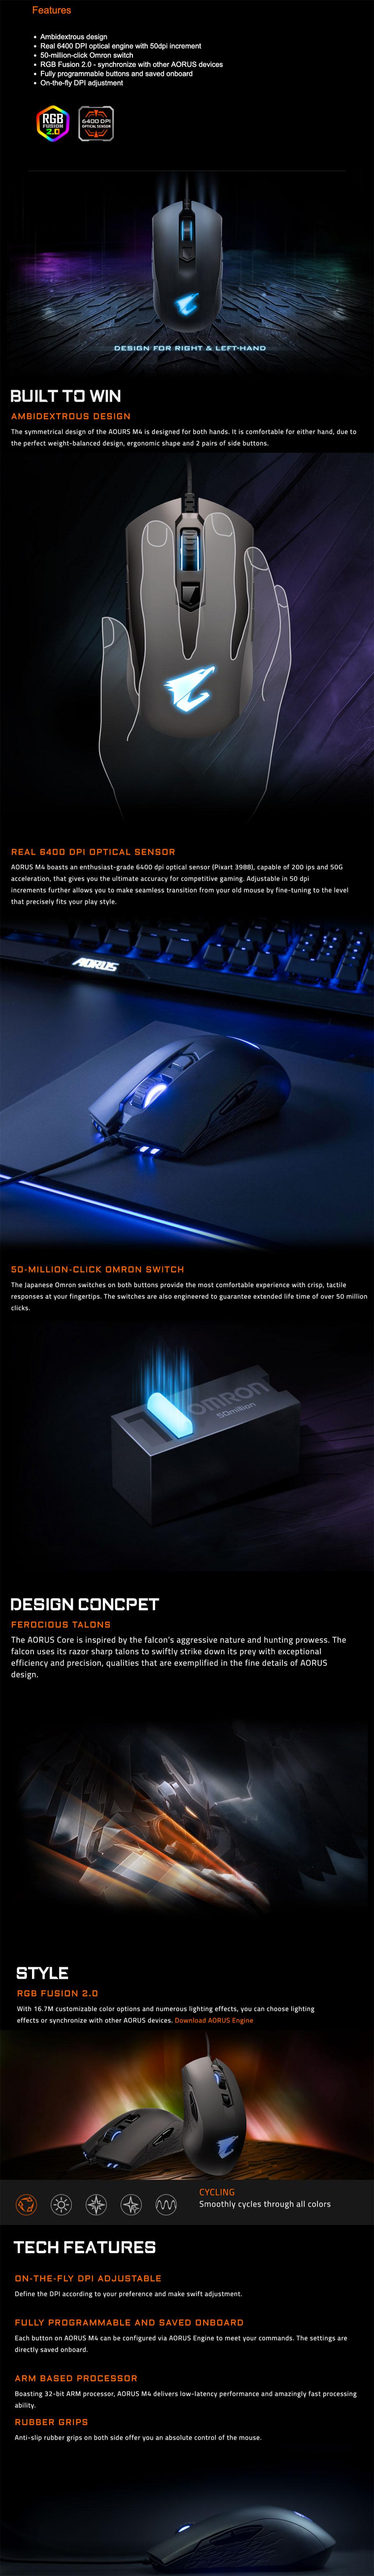 Gigabyte AORUS M4 RGB Gaming Mouse